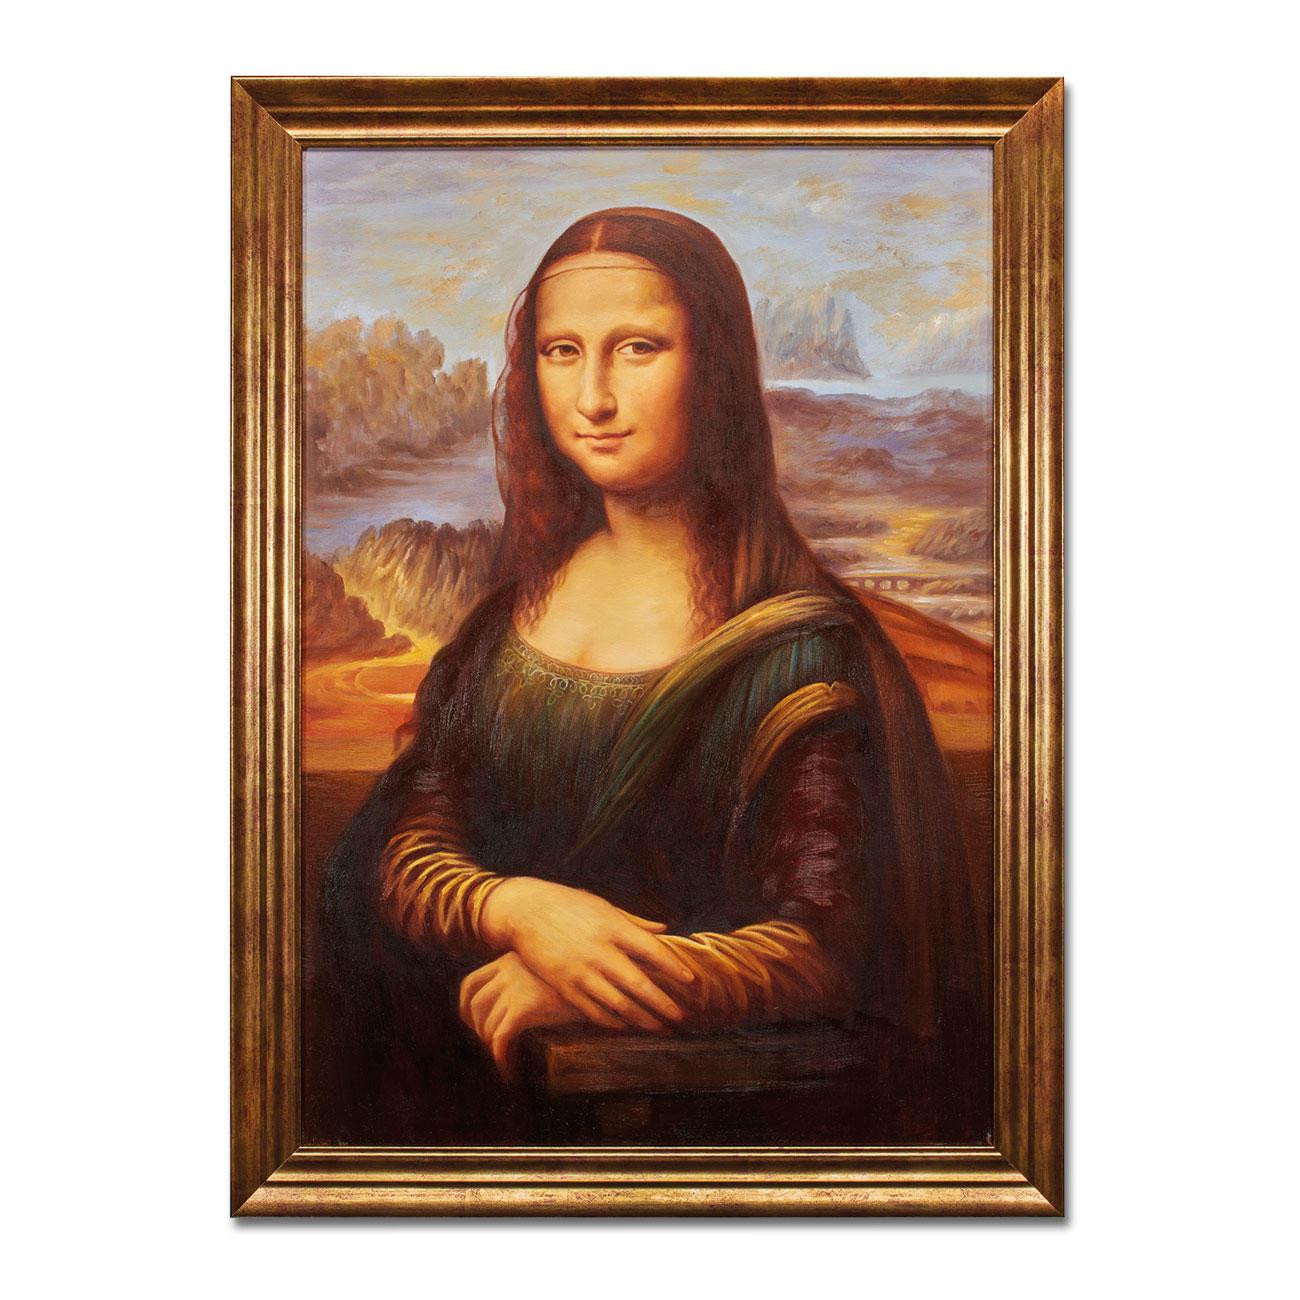 Hui Liu Malt Leonardo Da Vinci – Mona Lisa innen Wann Hat Leonardo Da Vinci Die Mona Lisa Gemalt